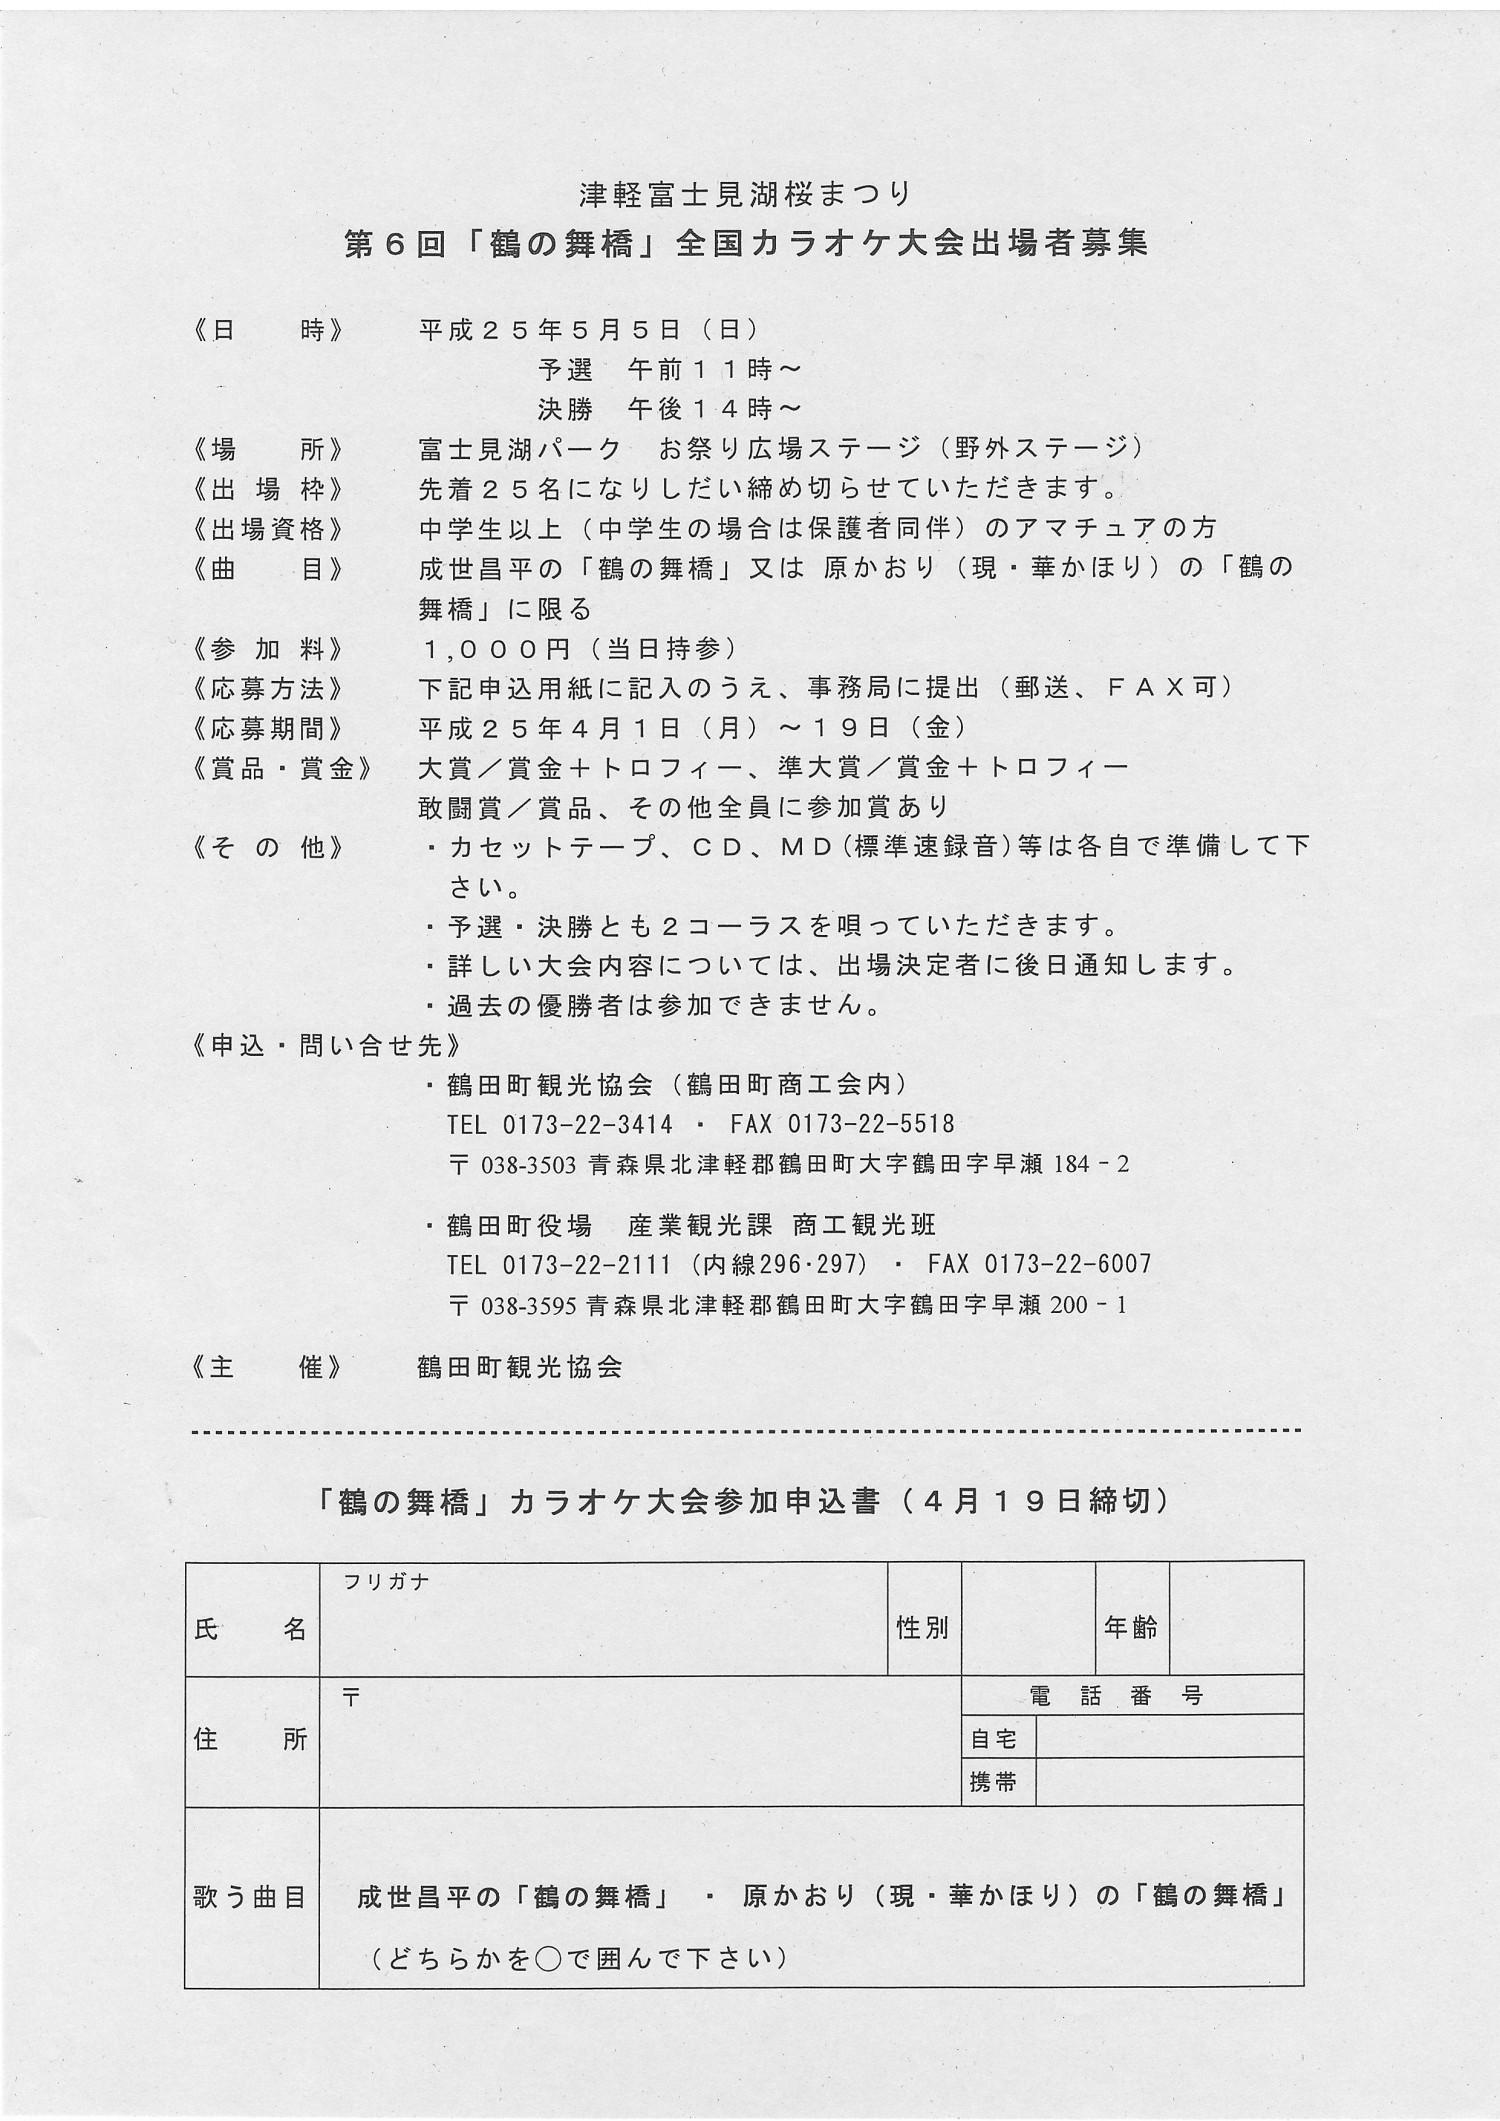 「鶴の舞橋」全国カラオケ大会出場者募集